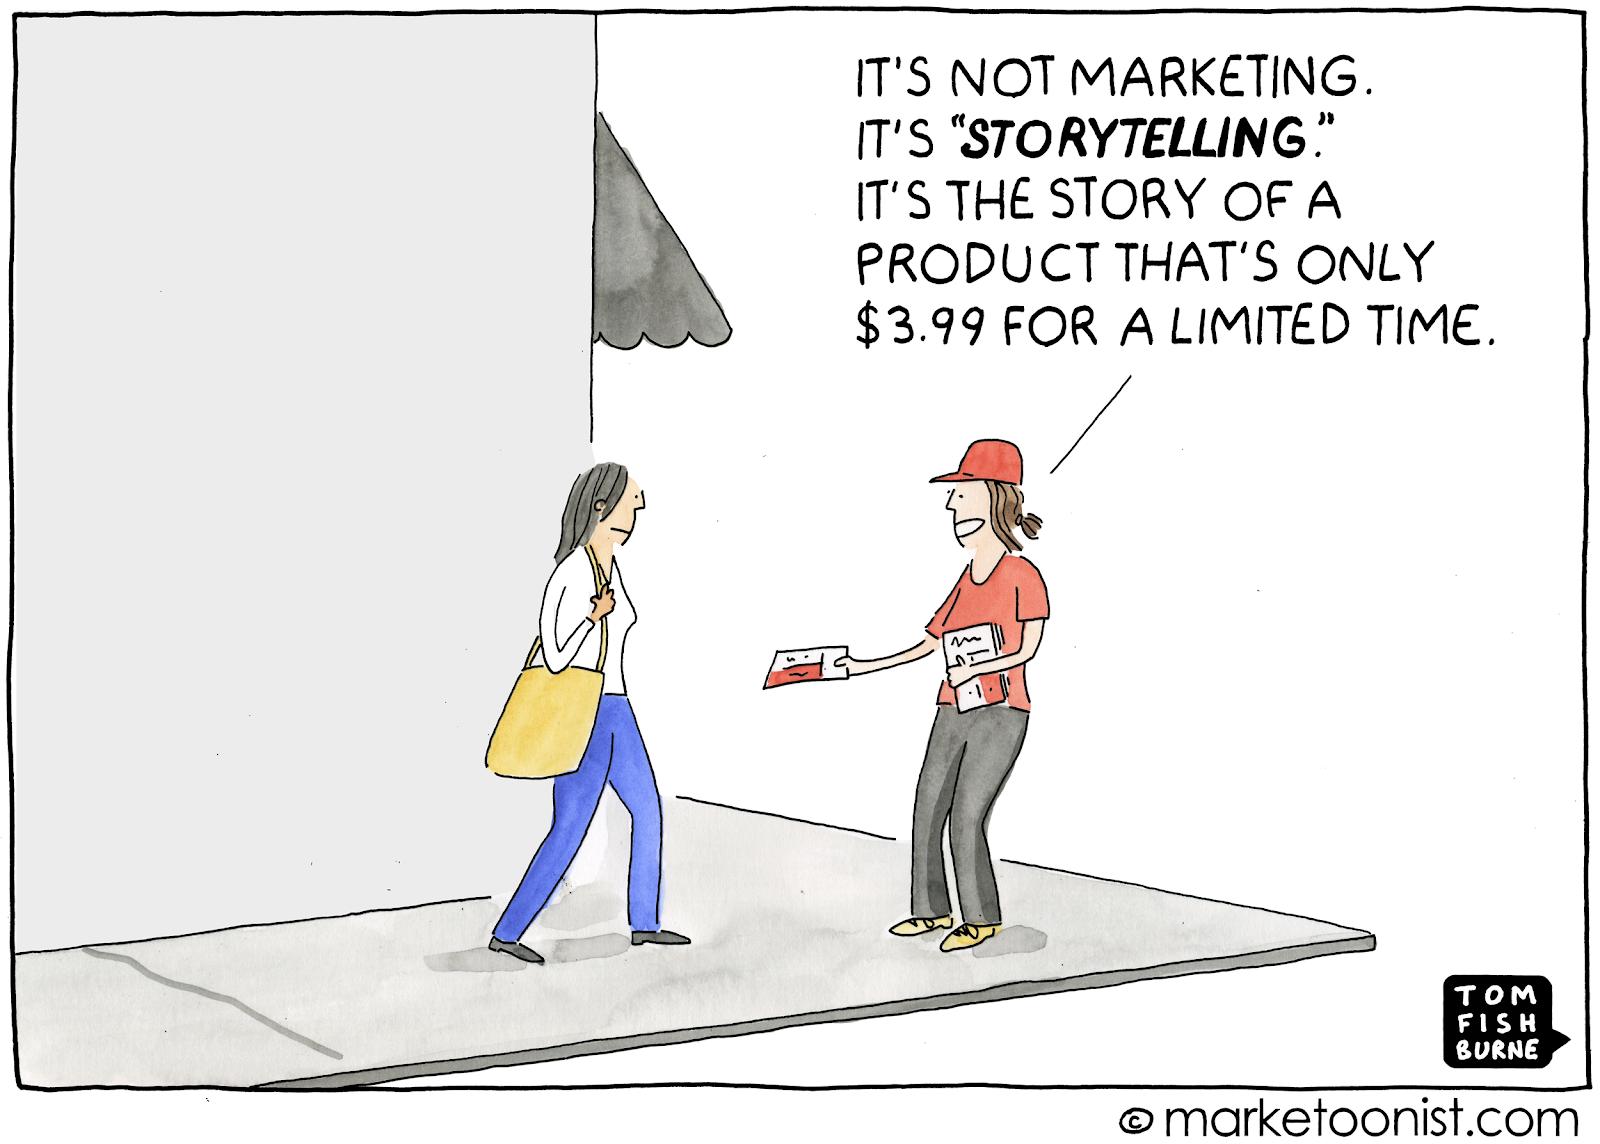 Marketoonist storytelling